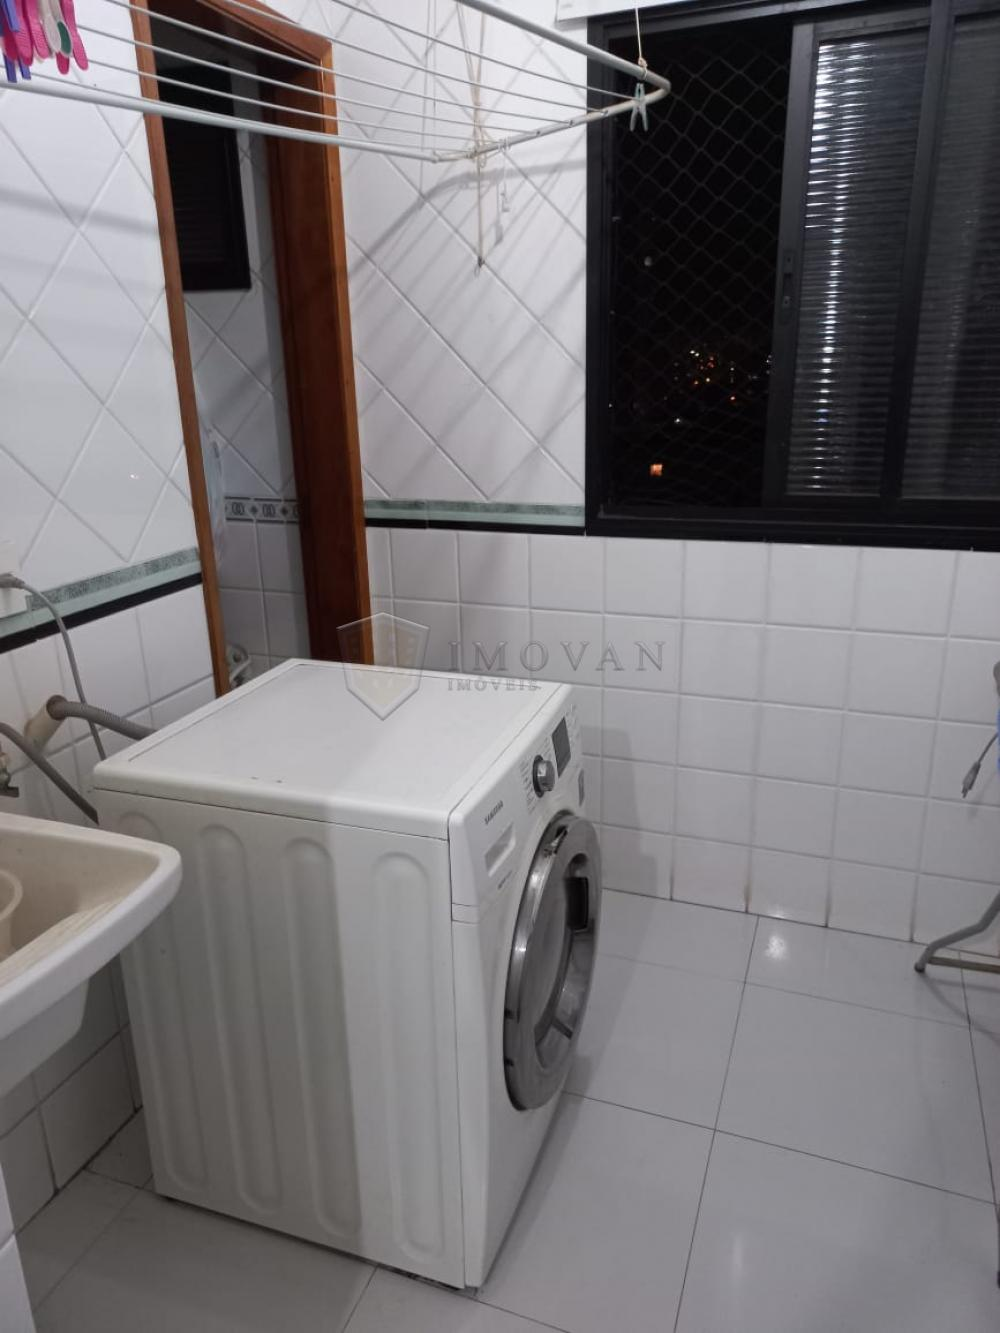 Comprar Apartamento / Padrão em Ribeirão Preto R$ 298.000,00 - Foto 12